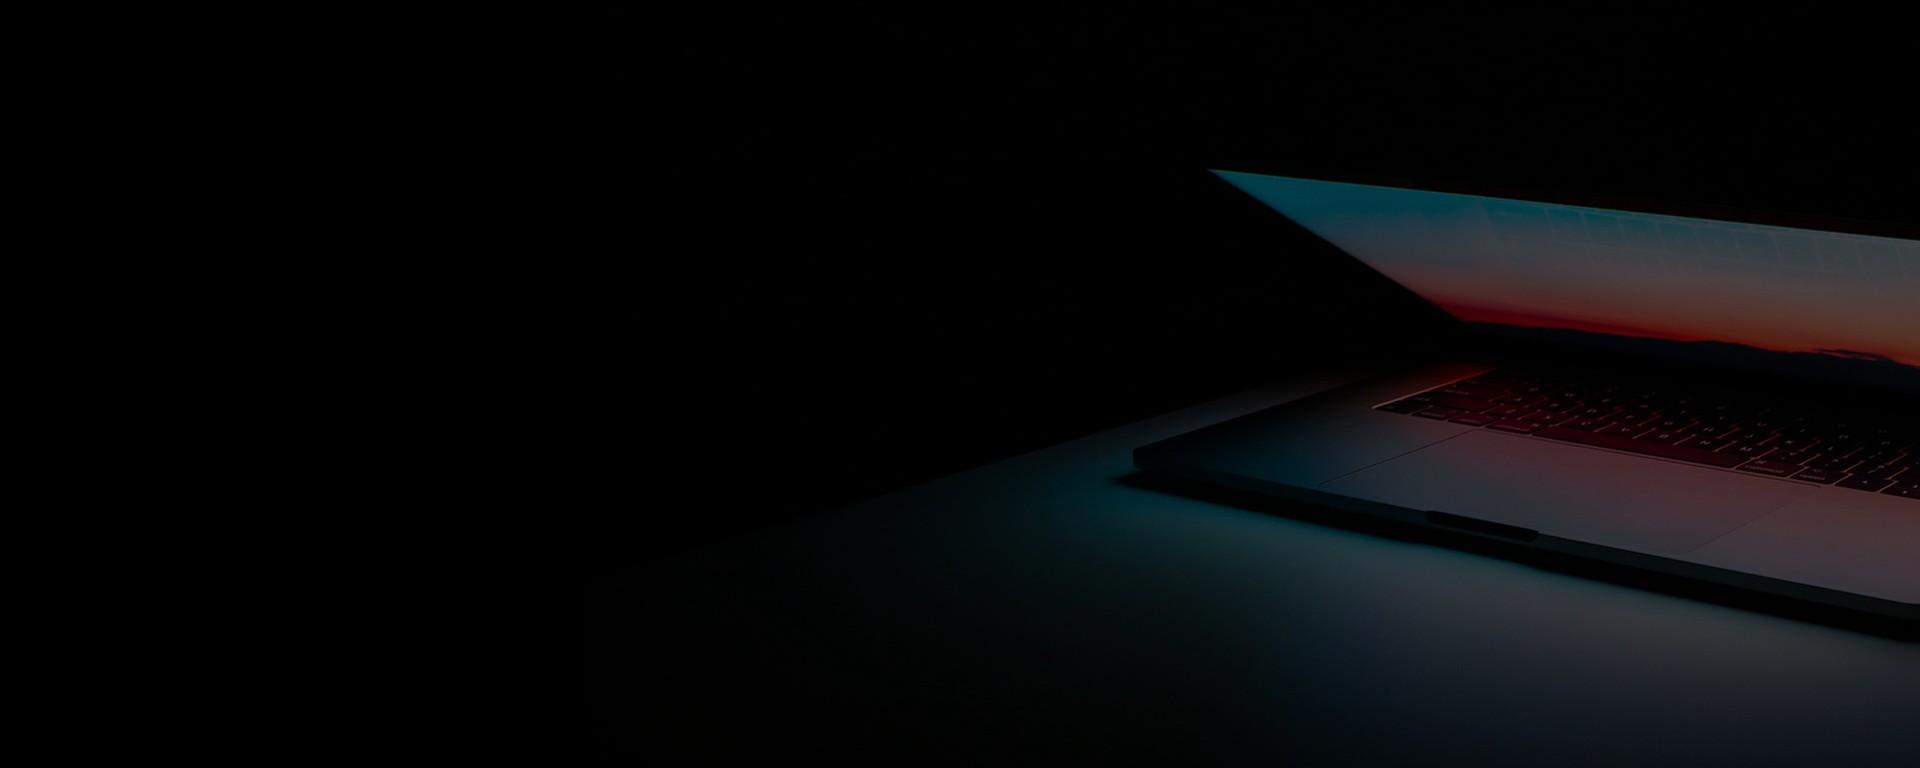 Blogs | Zestra Technologies